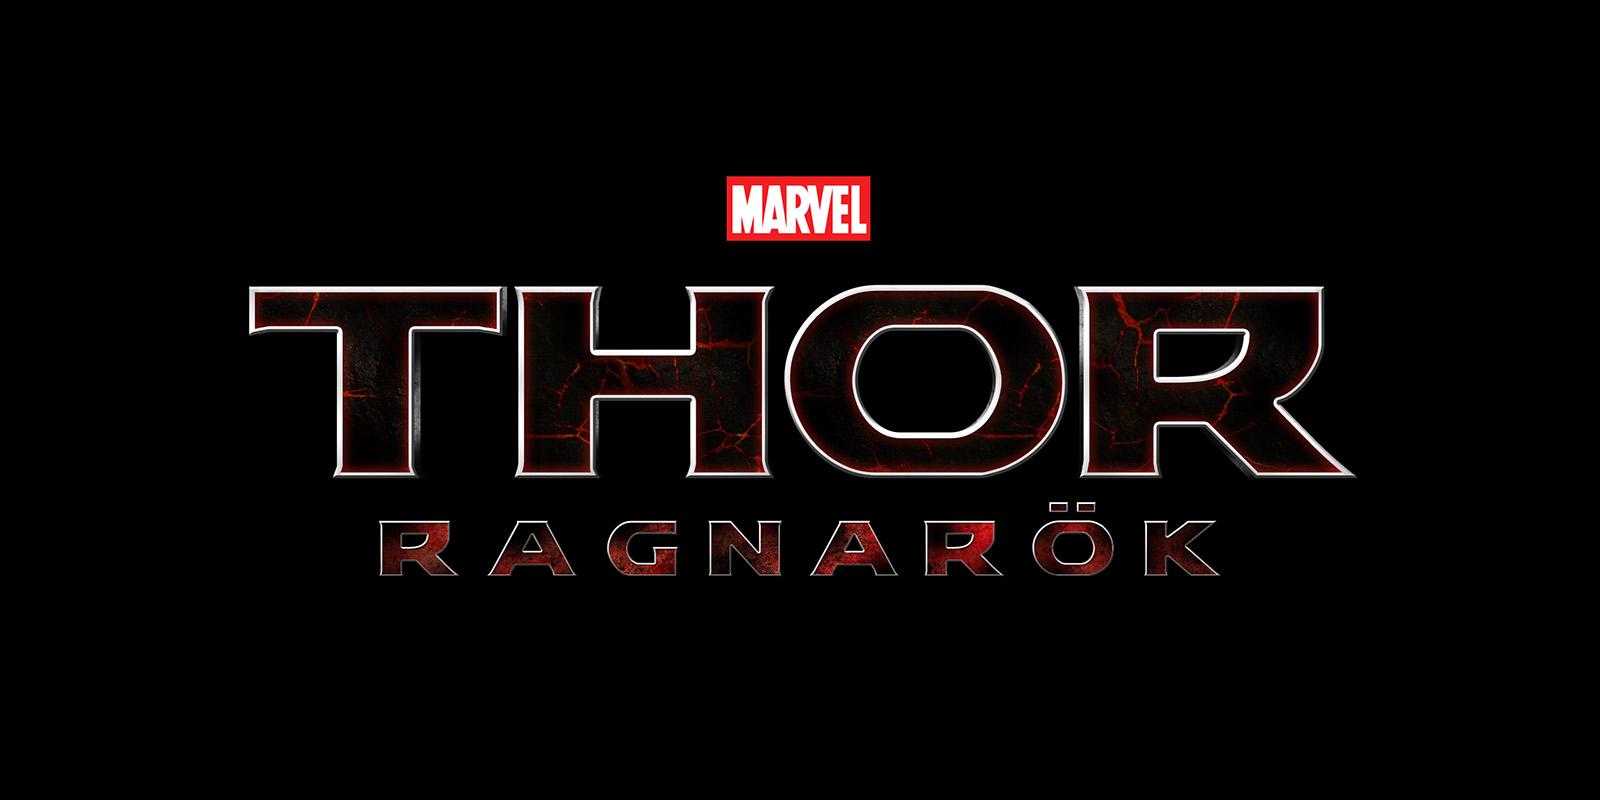 Marvel Studios confirma elenco de Thor: Ragnarok